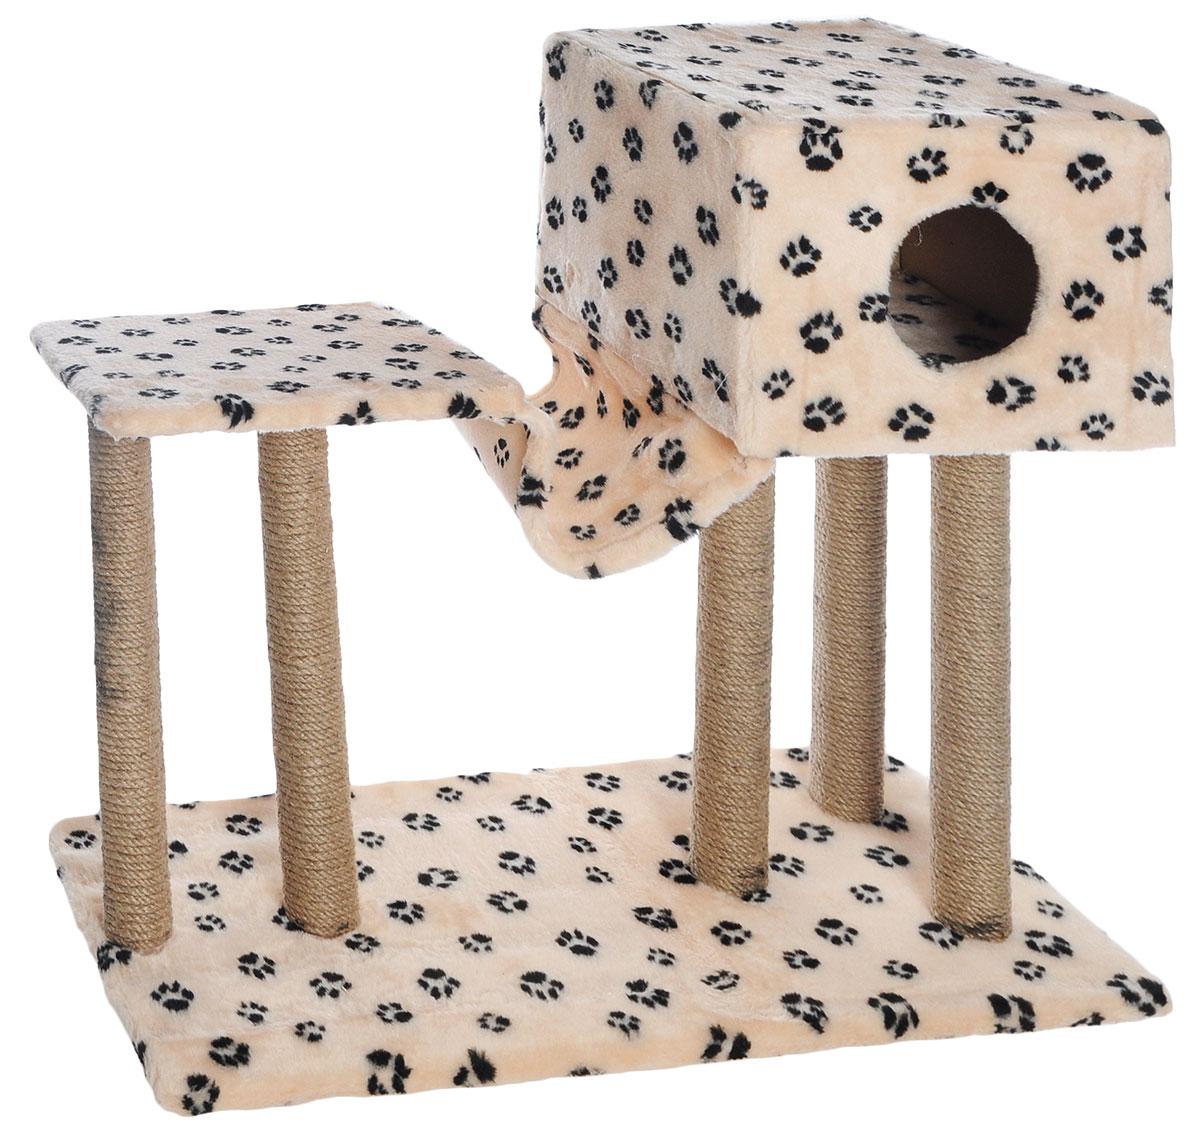 Игровой комплекс для кошек  Меридиан , с домиком и гамаком, цвет: бежевый, черный, 90 х 40 х 80 см